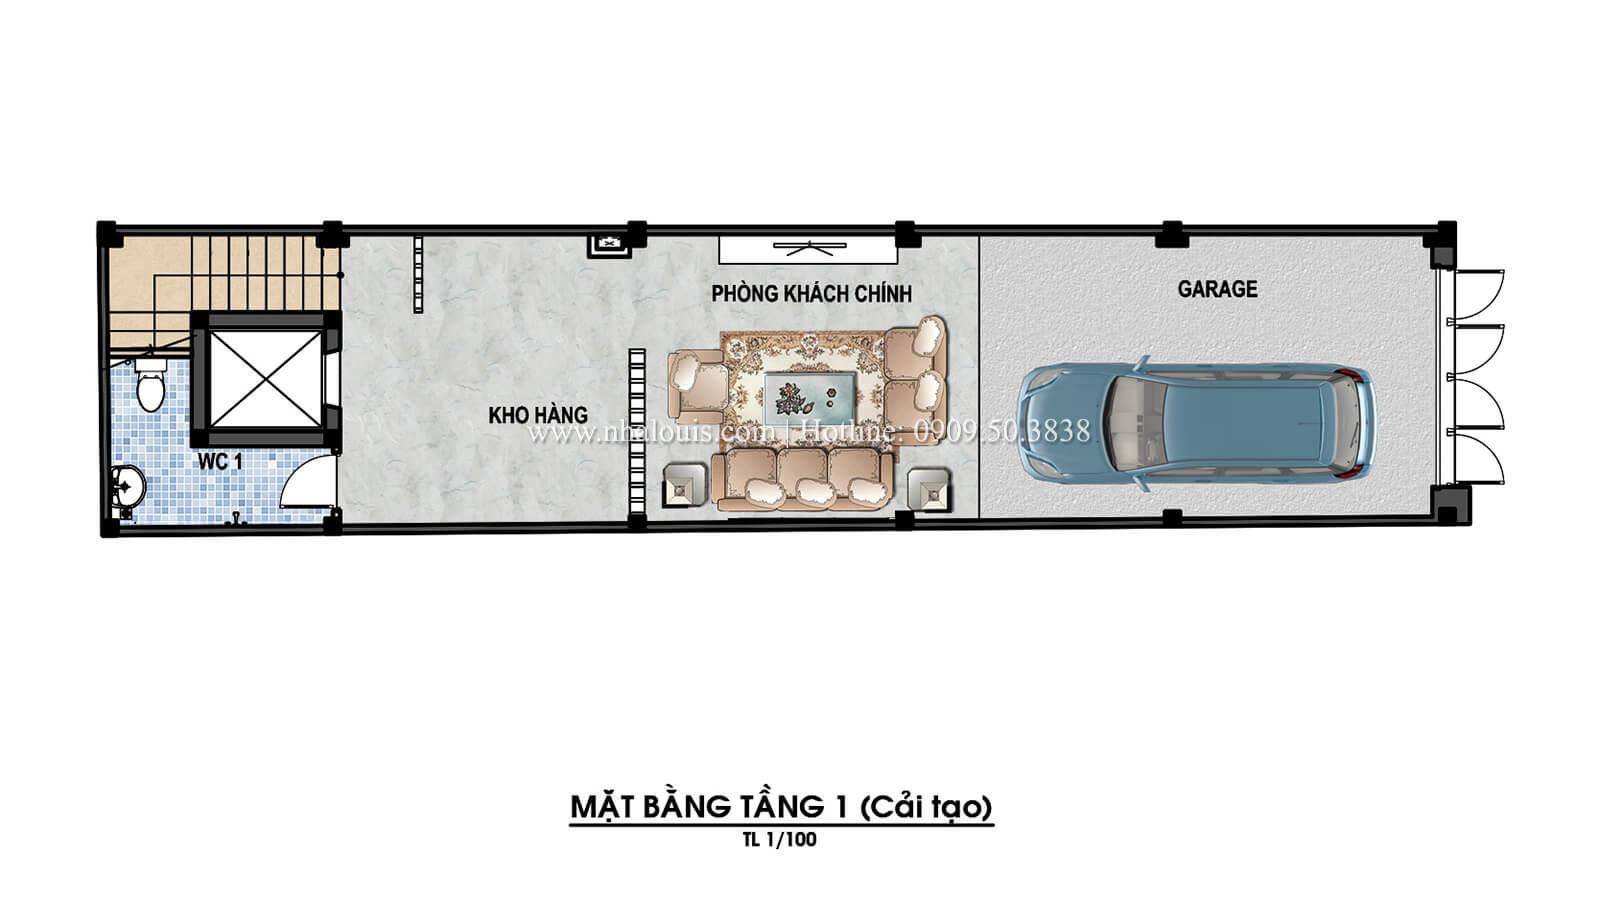 Mặt bằng tầng trệt Thiết kế cải tạo nhà phố 6 tầng chuẩn tinh tế tại Quận 11 - 05